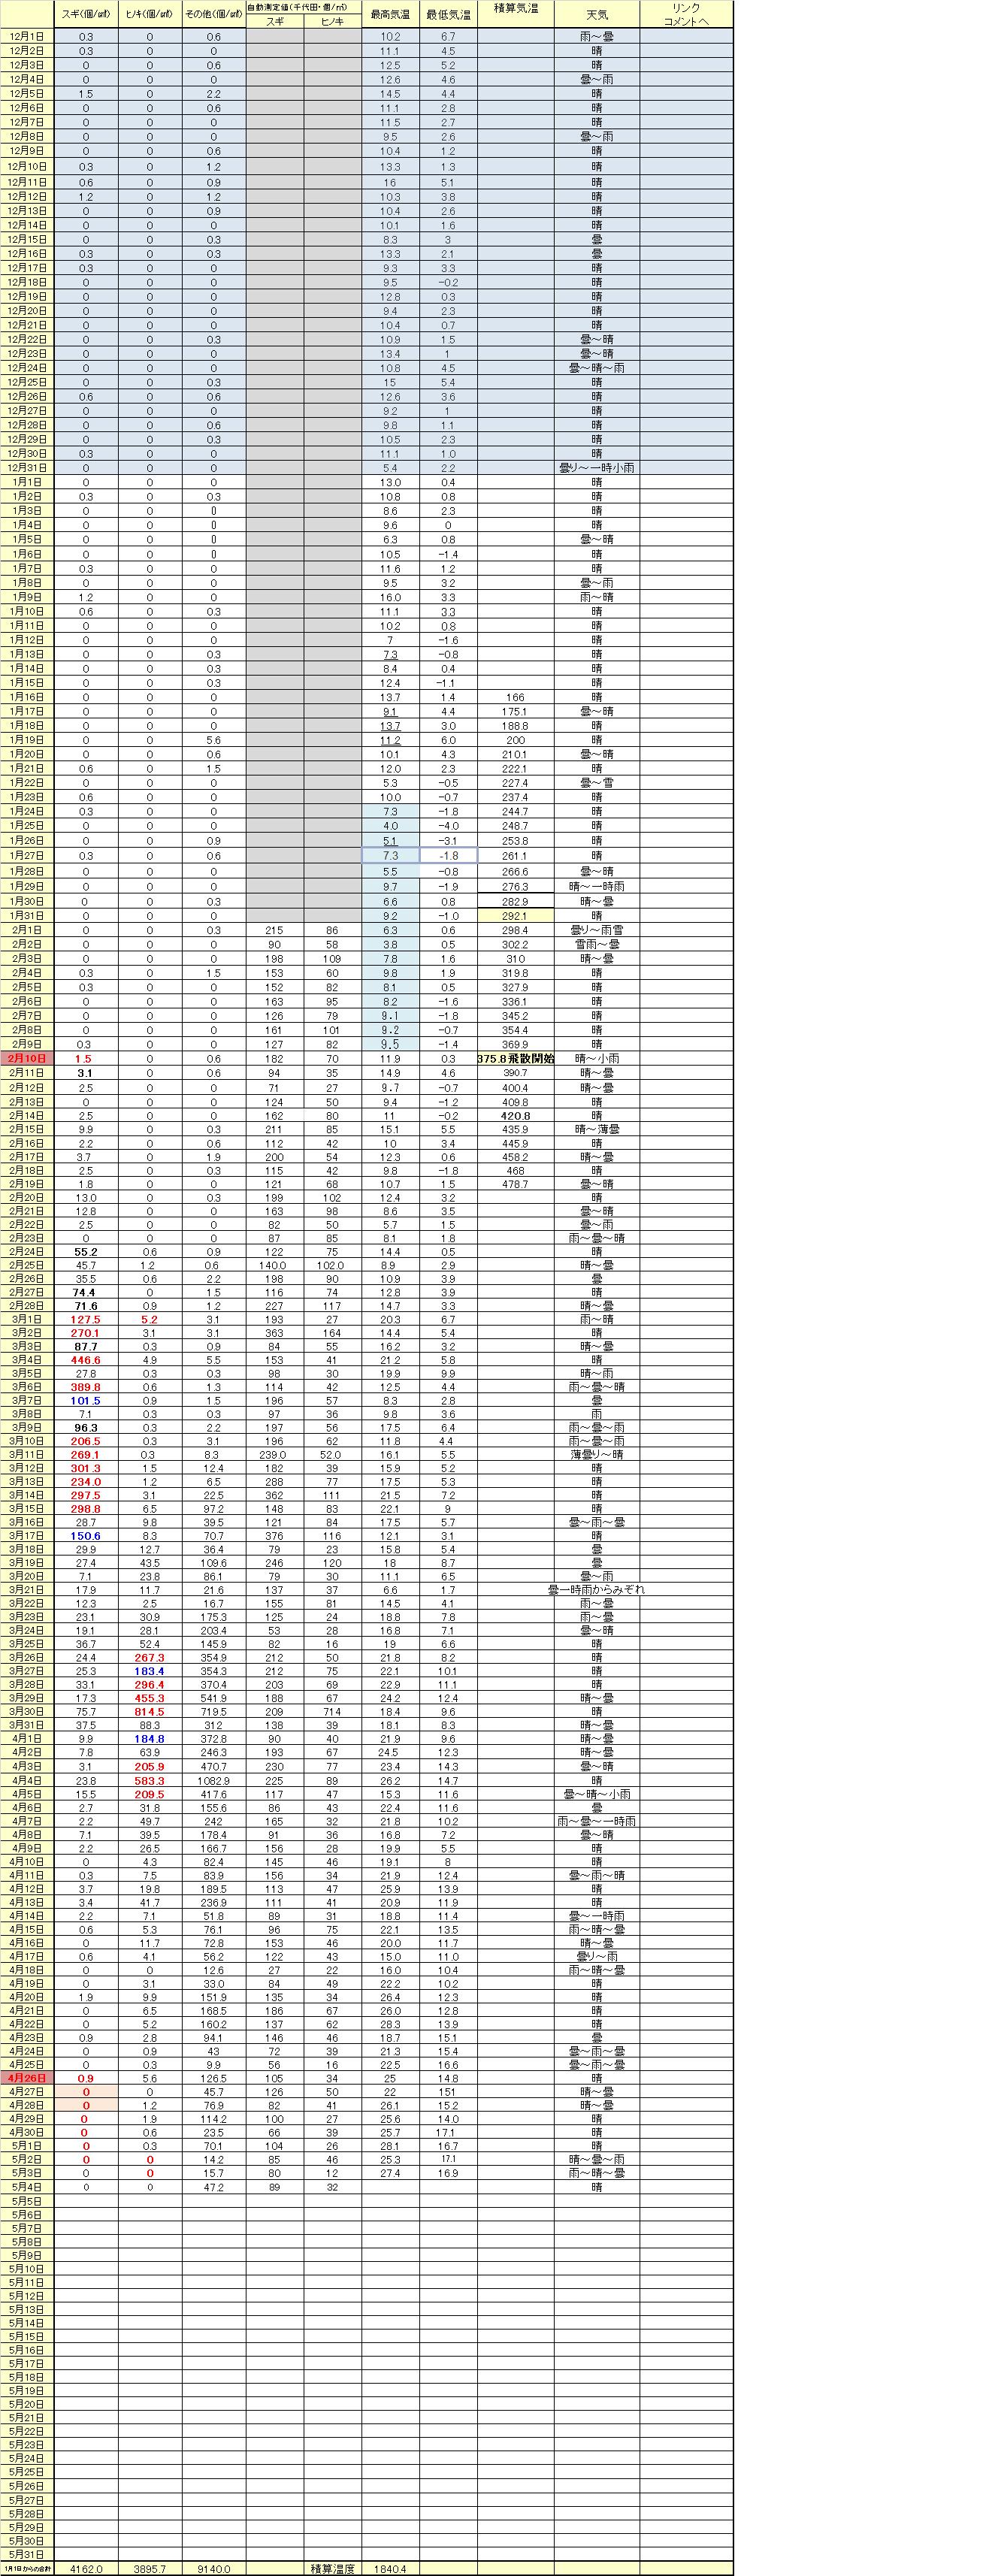 2018年5月4日花粉情報 ヒノキ花粉が3日連続して0個となり 5月1日が当